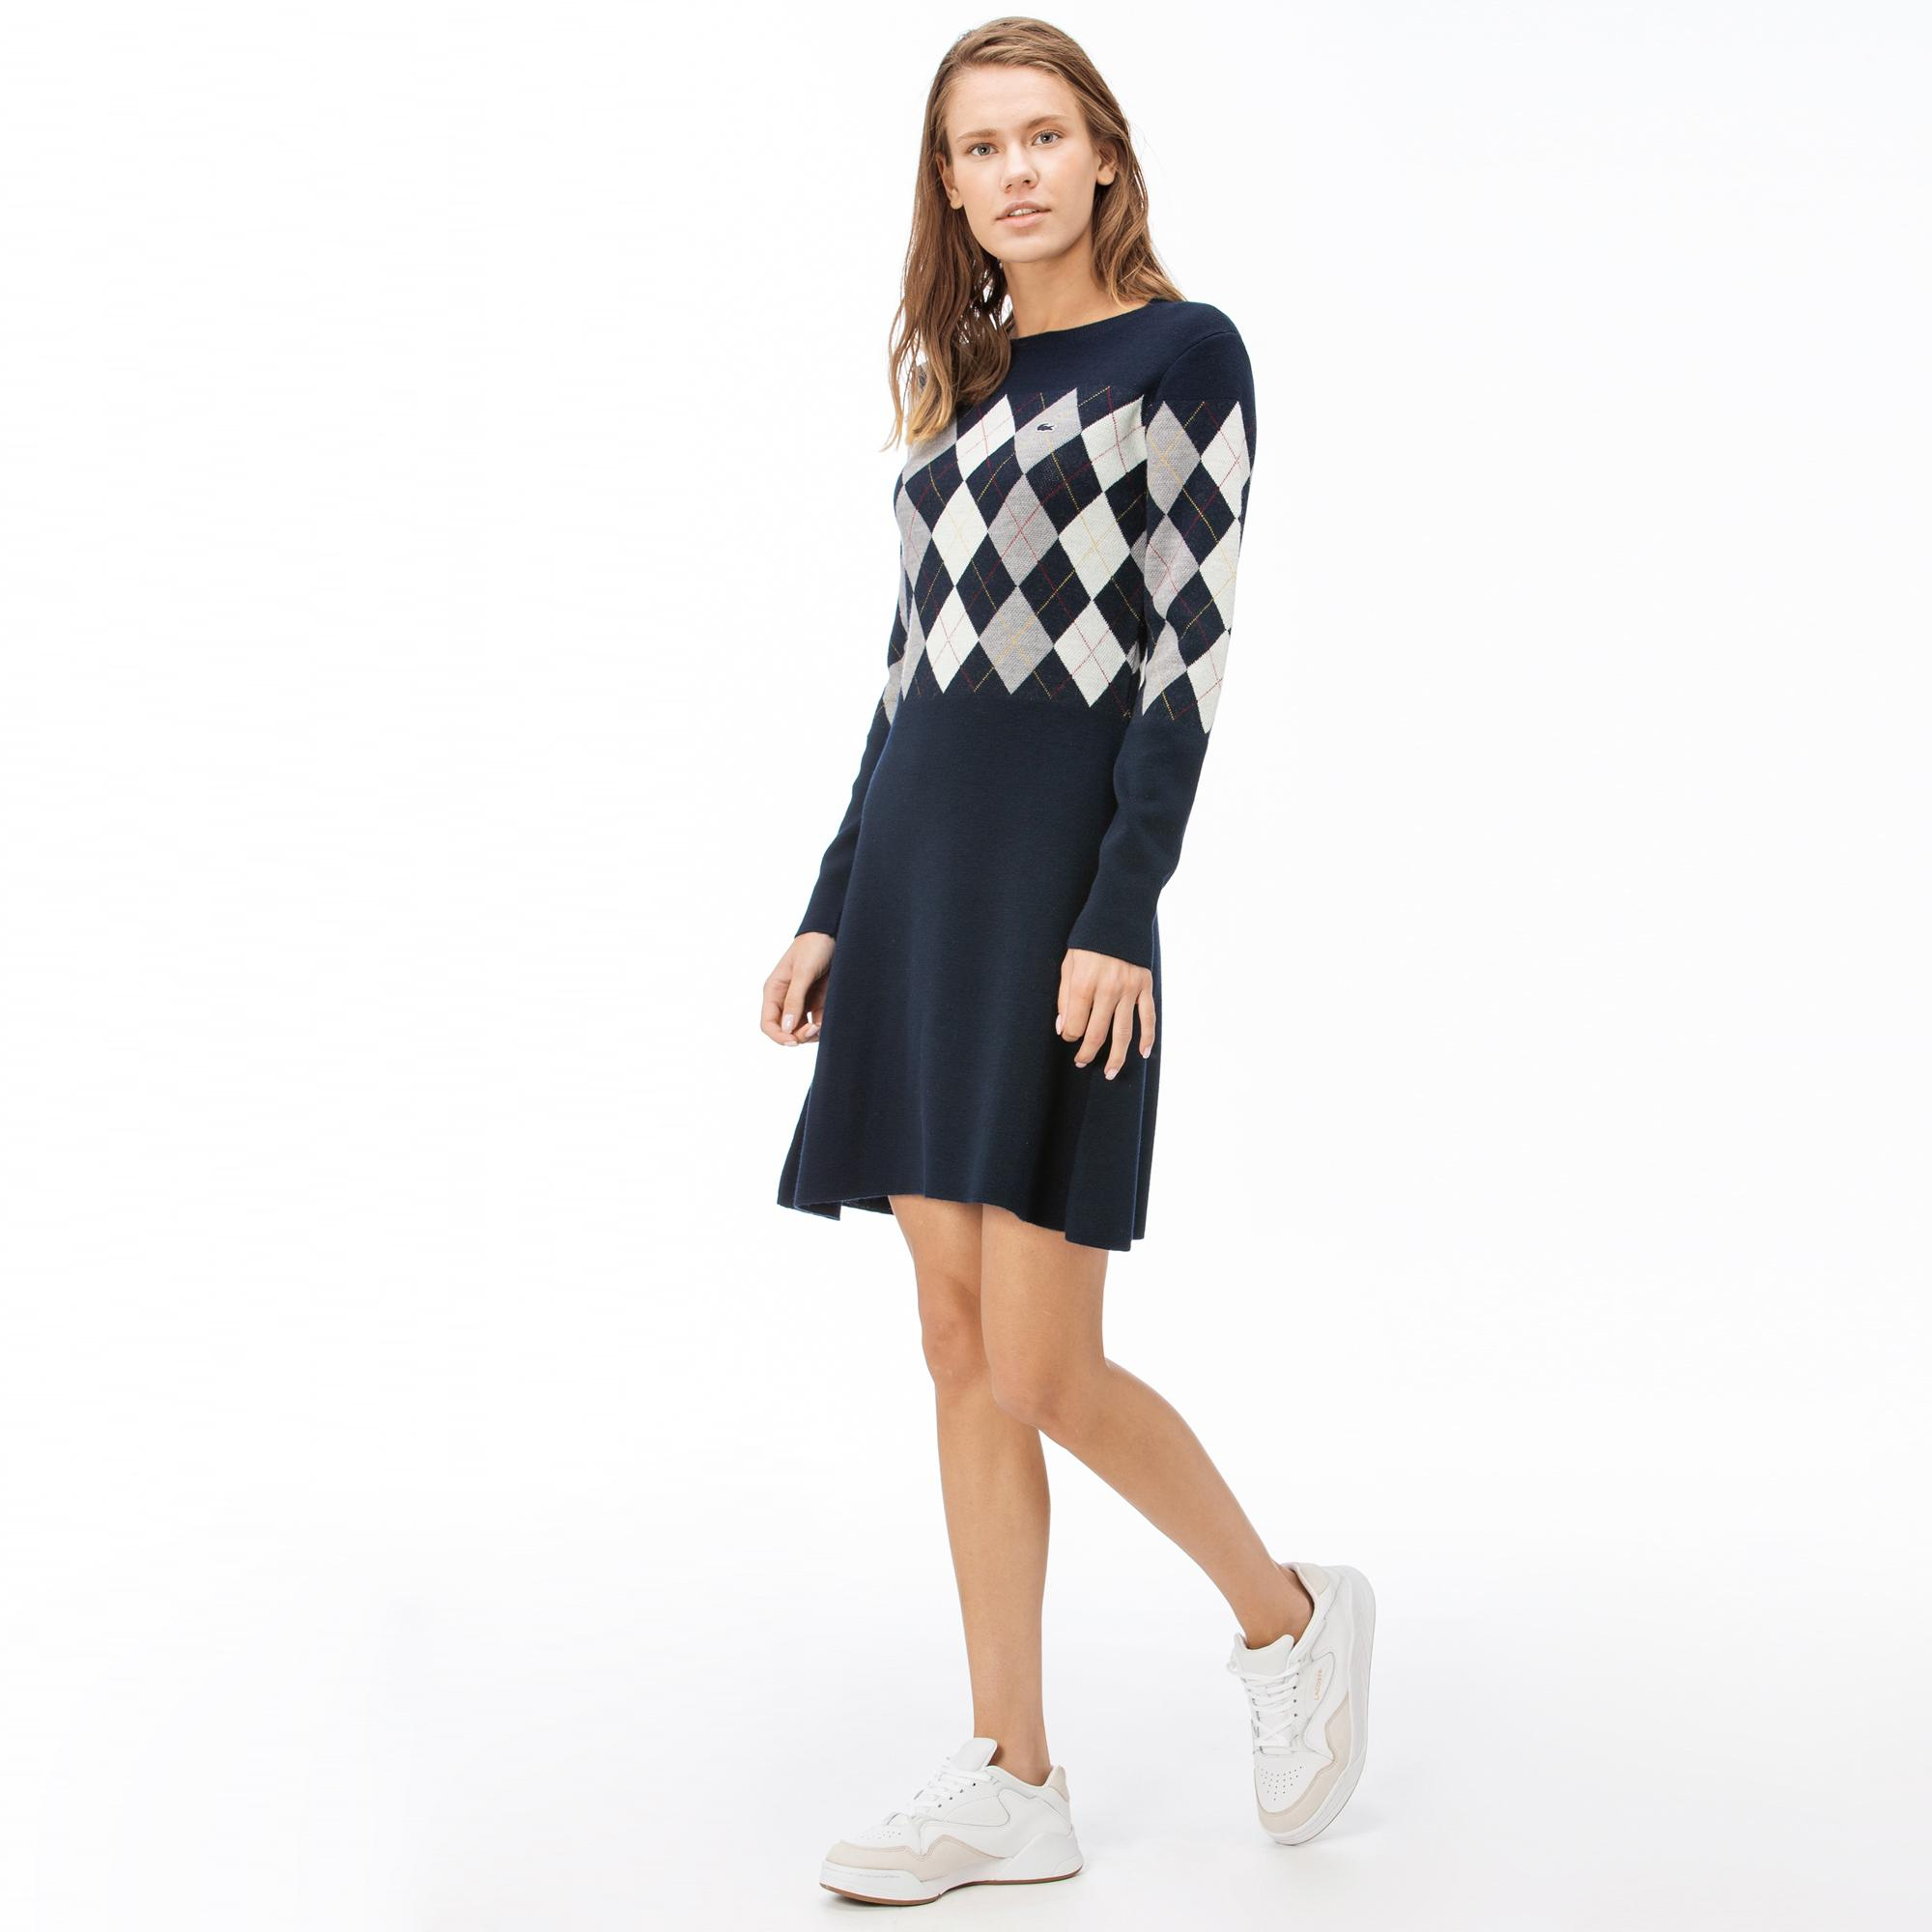 Lacoste Kadın Blok Desenli Lacivert Elbise